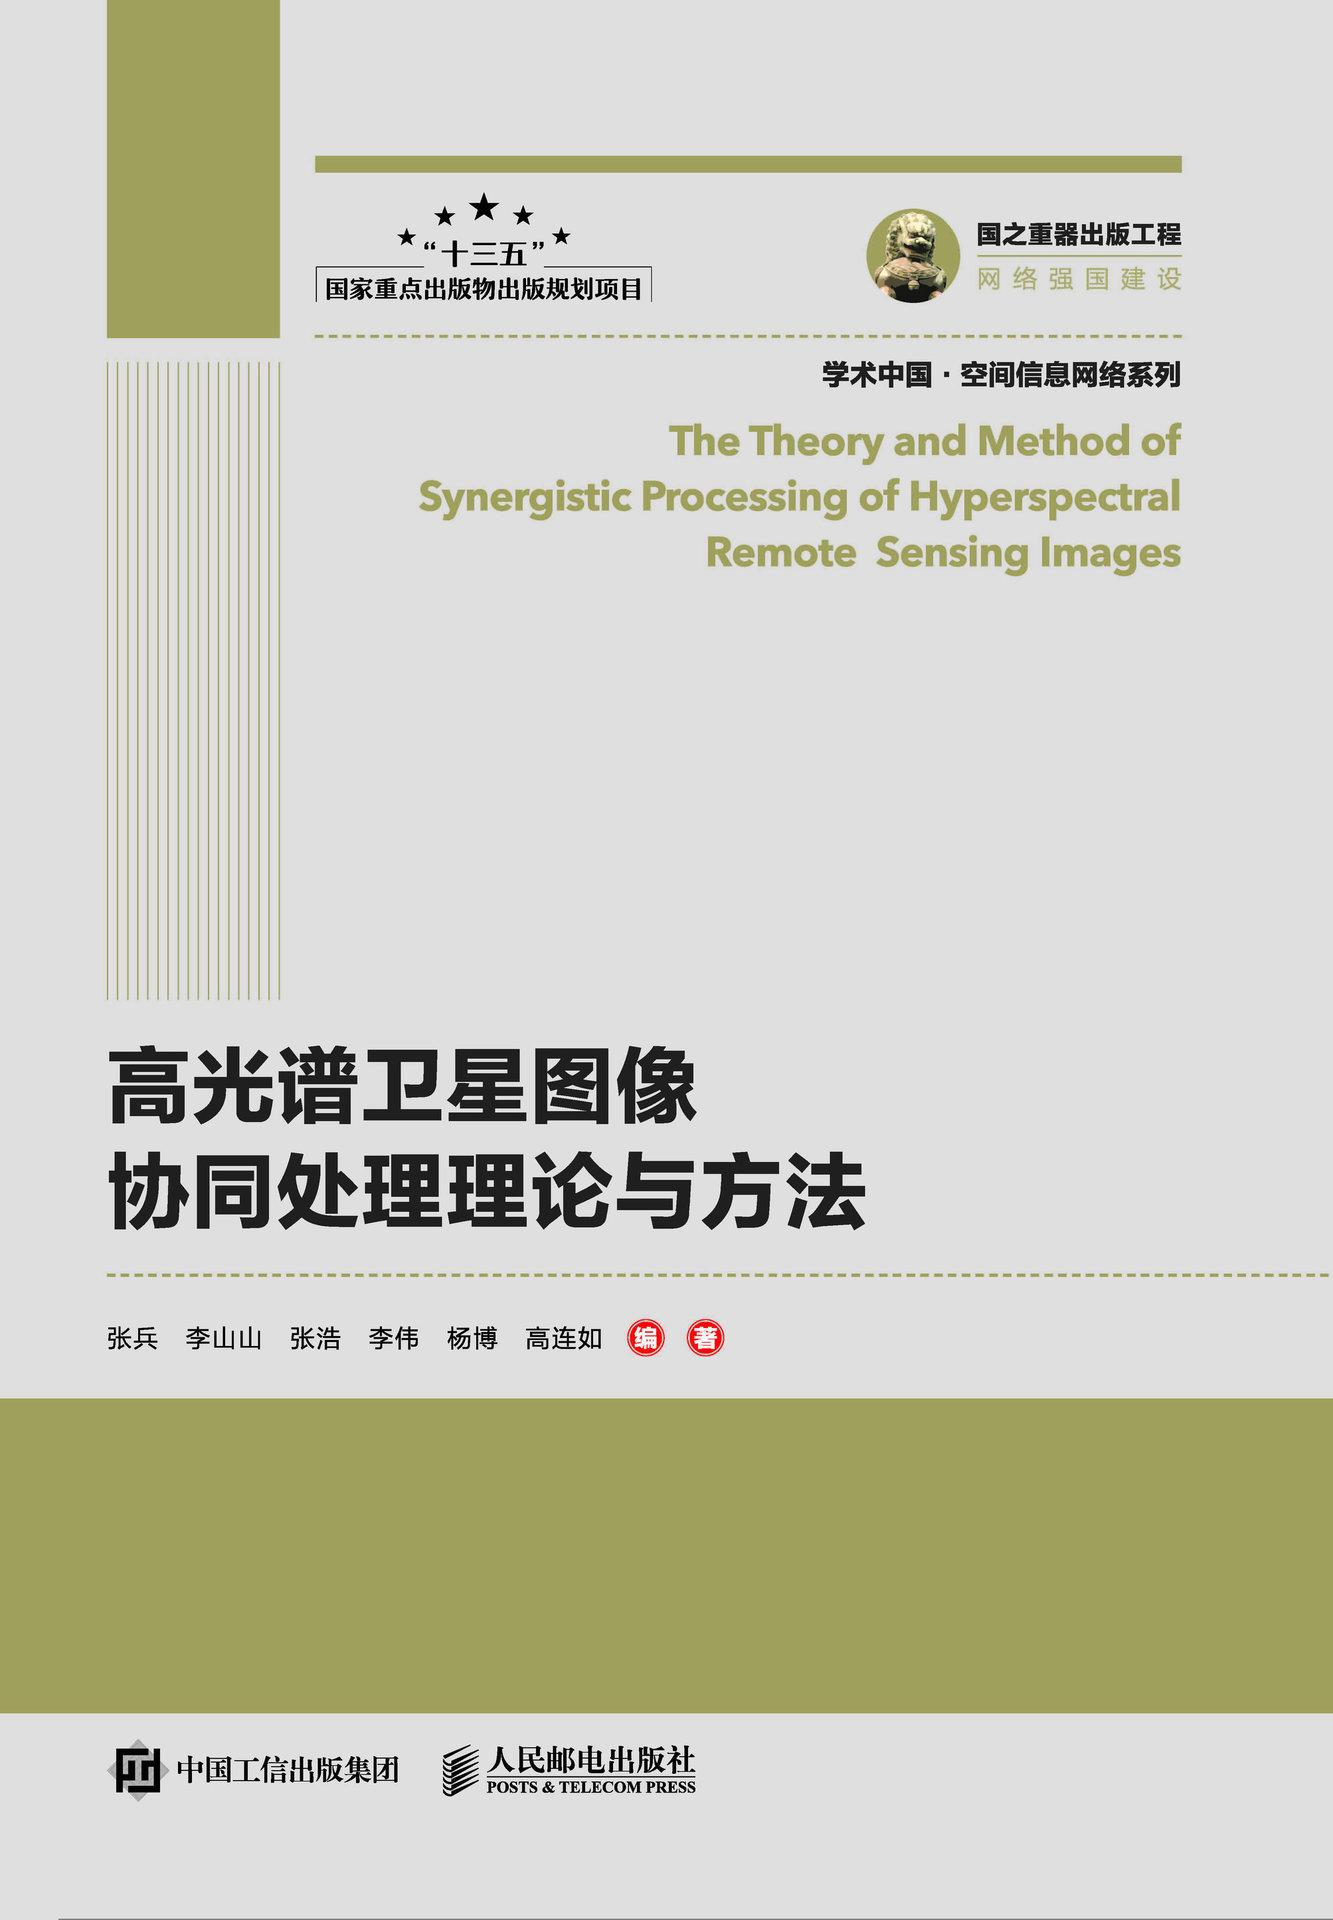 國之重器出版工程 高光譜衛星圖像協同處理理論與方法-preview-1